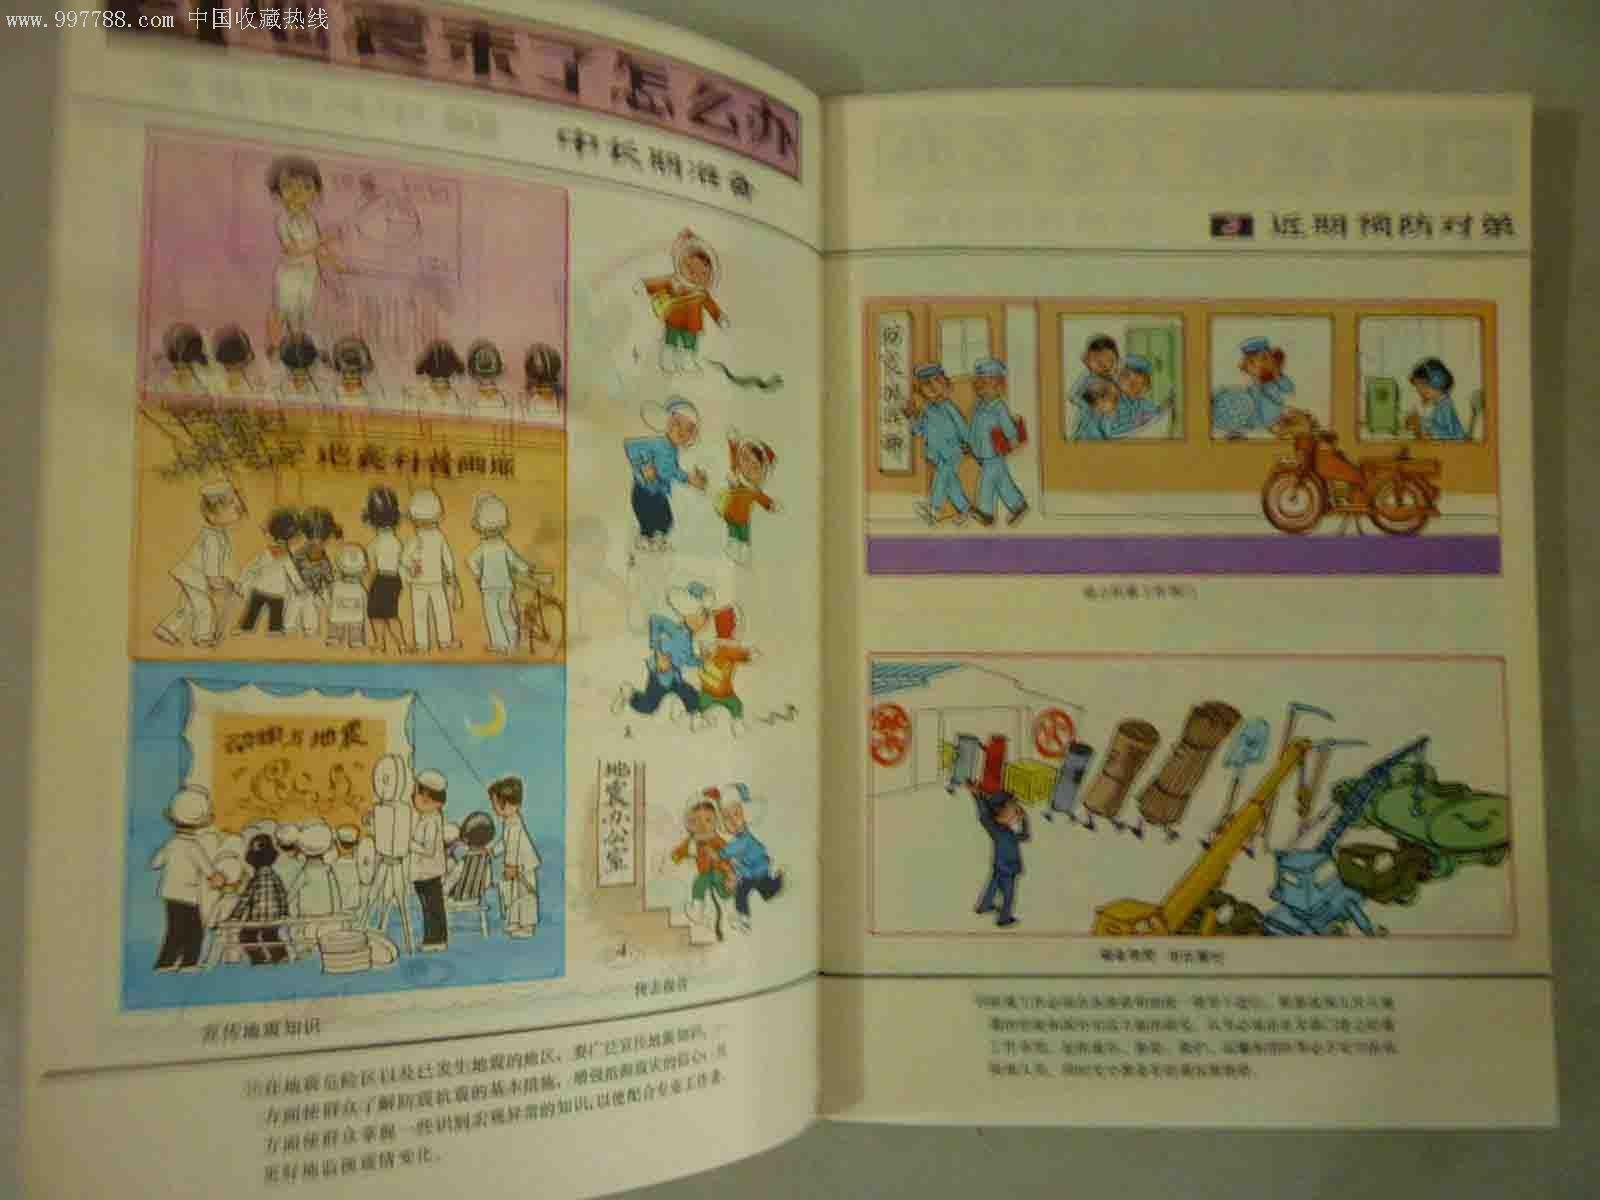 《地震来了怎么办?》科普漫画